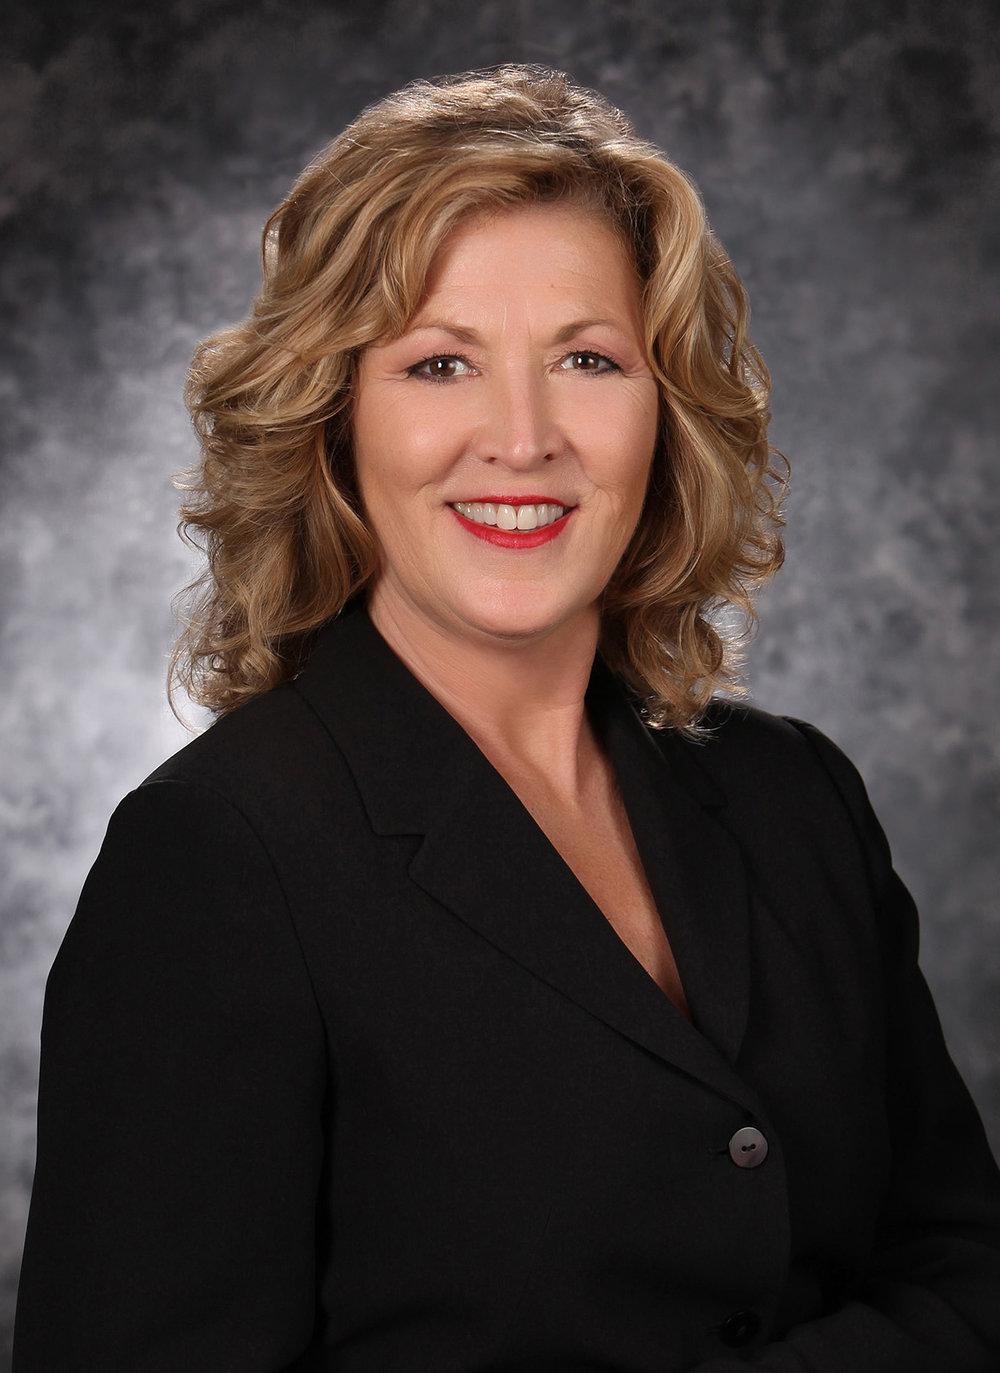 Judge W. Ann Hansbrough